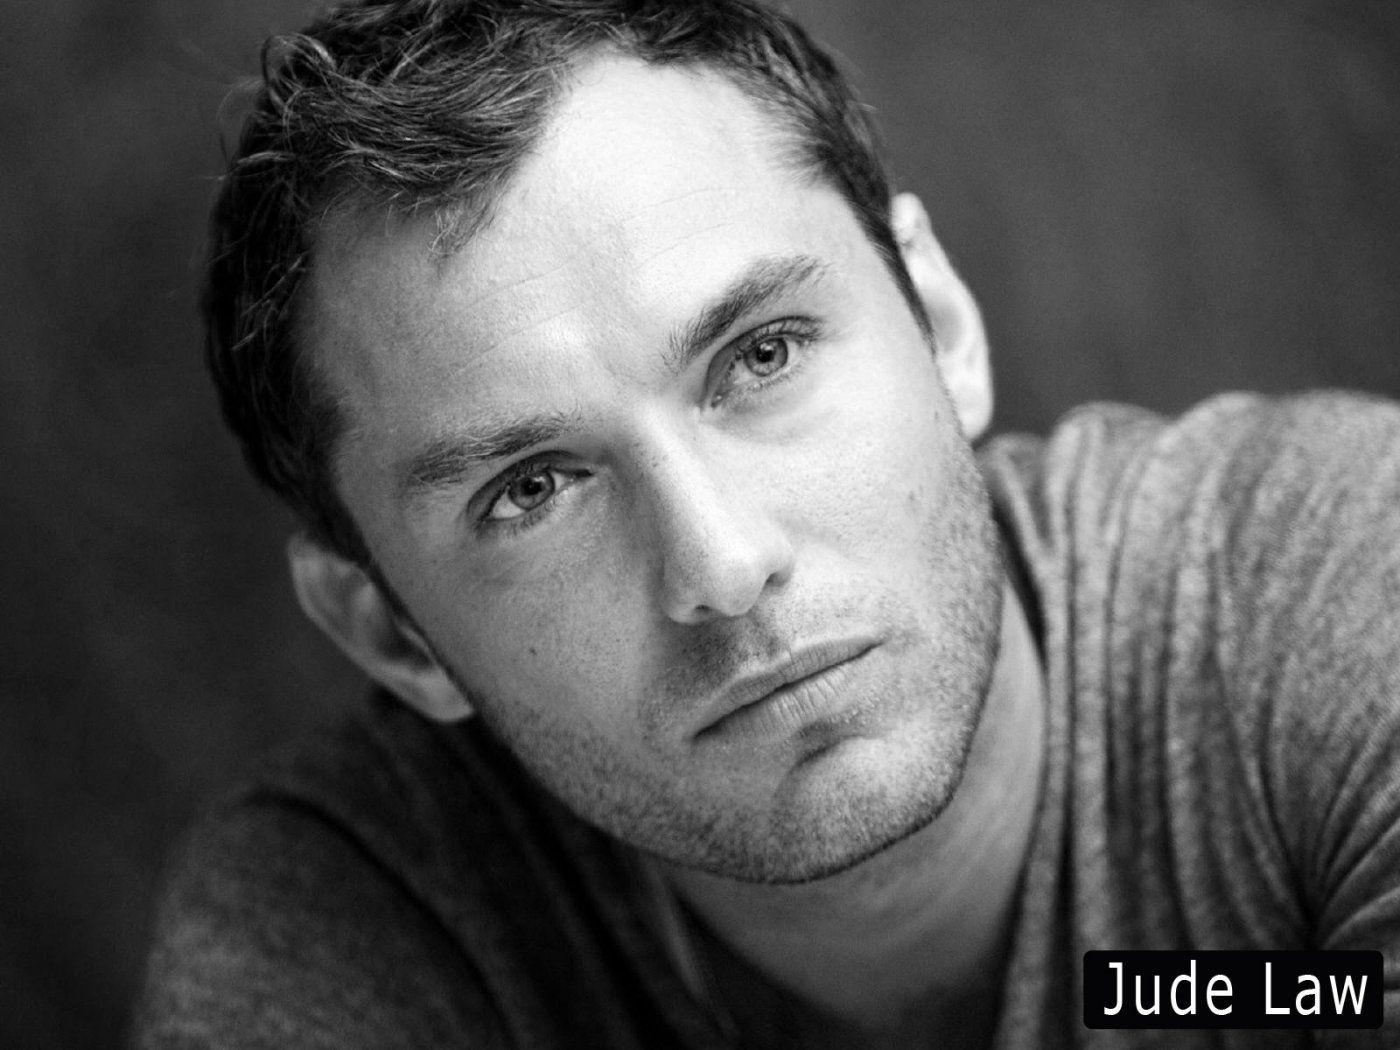 Jude Law jude law movi... Jude Law Movies